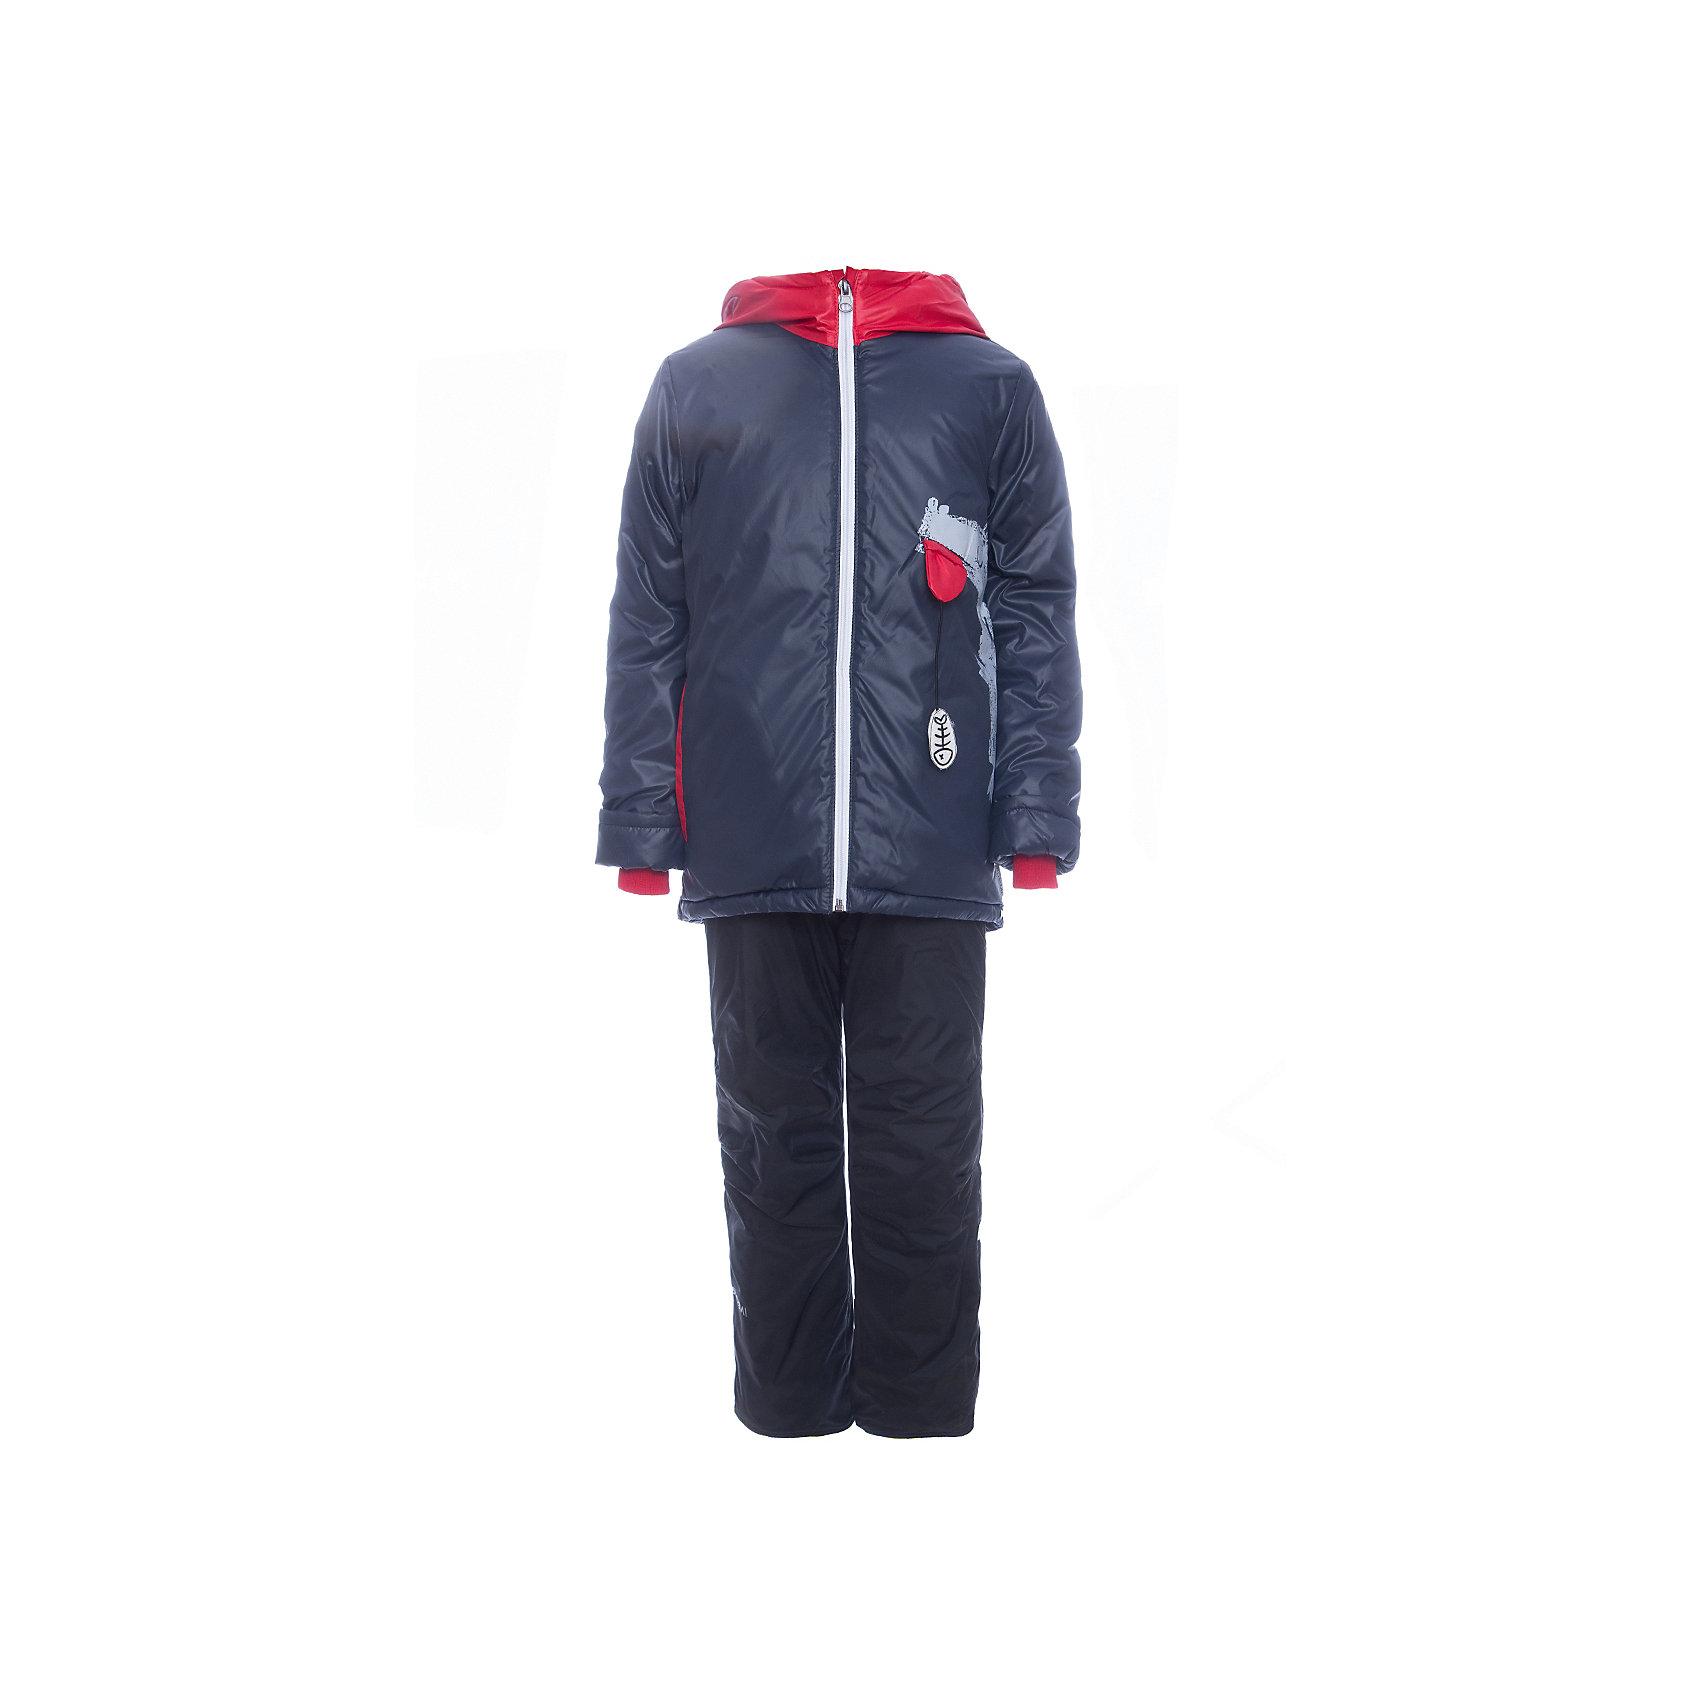 Комплект: куртка и брюки BOOM by Orby для мальчикаВерхняя одежда<br>Характеристики товара:<br><br>• цвет: синий<br>• ткань верха: куртка - Болонь pu milky, брюки - Таффета pu milky<br>• подкладка: куртка - Флис; ПЭ пуходержащий; брюки - флис<br>• утеплитель: куртка - Эко синтепон 200 г/м2<br>• сезон: демисезон<br>• температурный режим: от -10° до +10°С<br>• особенности куртки: на молнии, дутая<br>• особенности брюк: на резинке, дутые, на лямках<br>• капюшон: без меха, несъемный<br>• страна бренда: Россия<br>• страна изготовитель: Россия<br><br>Такой стильный и комфортный комплект был разработан специально для детей. Оригинальный демисезонный комплект для мальчика состоит из куртки с капюшоном и удобных брюк. Утеплитель и плотная ткань верха делает его подходящим для сырой и холодной погоды. <br><br>Комплект: куртка и брюки BOOM by Orby для мальчика можно купить в нашем интернет-магазине.<br><br>Ширина мм: 356<br>Глубина мм: 10<br>Высота мм: 245<br>Вес г: 519<br>Цвет: синий<br>Возраст от месяцев: 72<br>Возраст до месяцев: 84<br>Пол: Мужской<br>Возраст: Детский<br>Размер: 122,104,86,92,98,110,116<br>SKU: 7007640